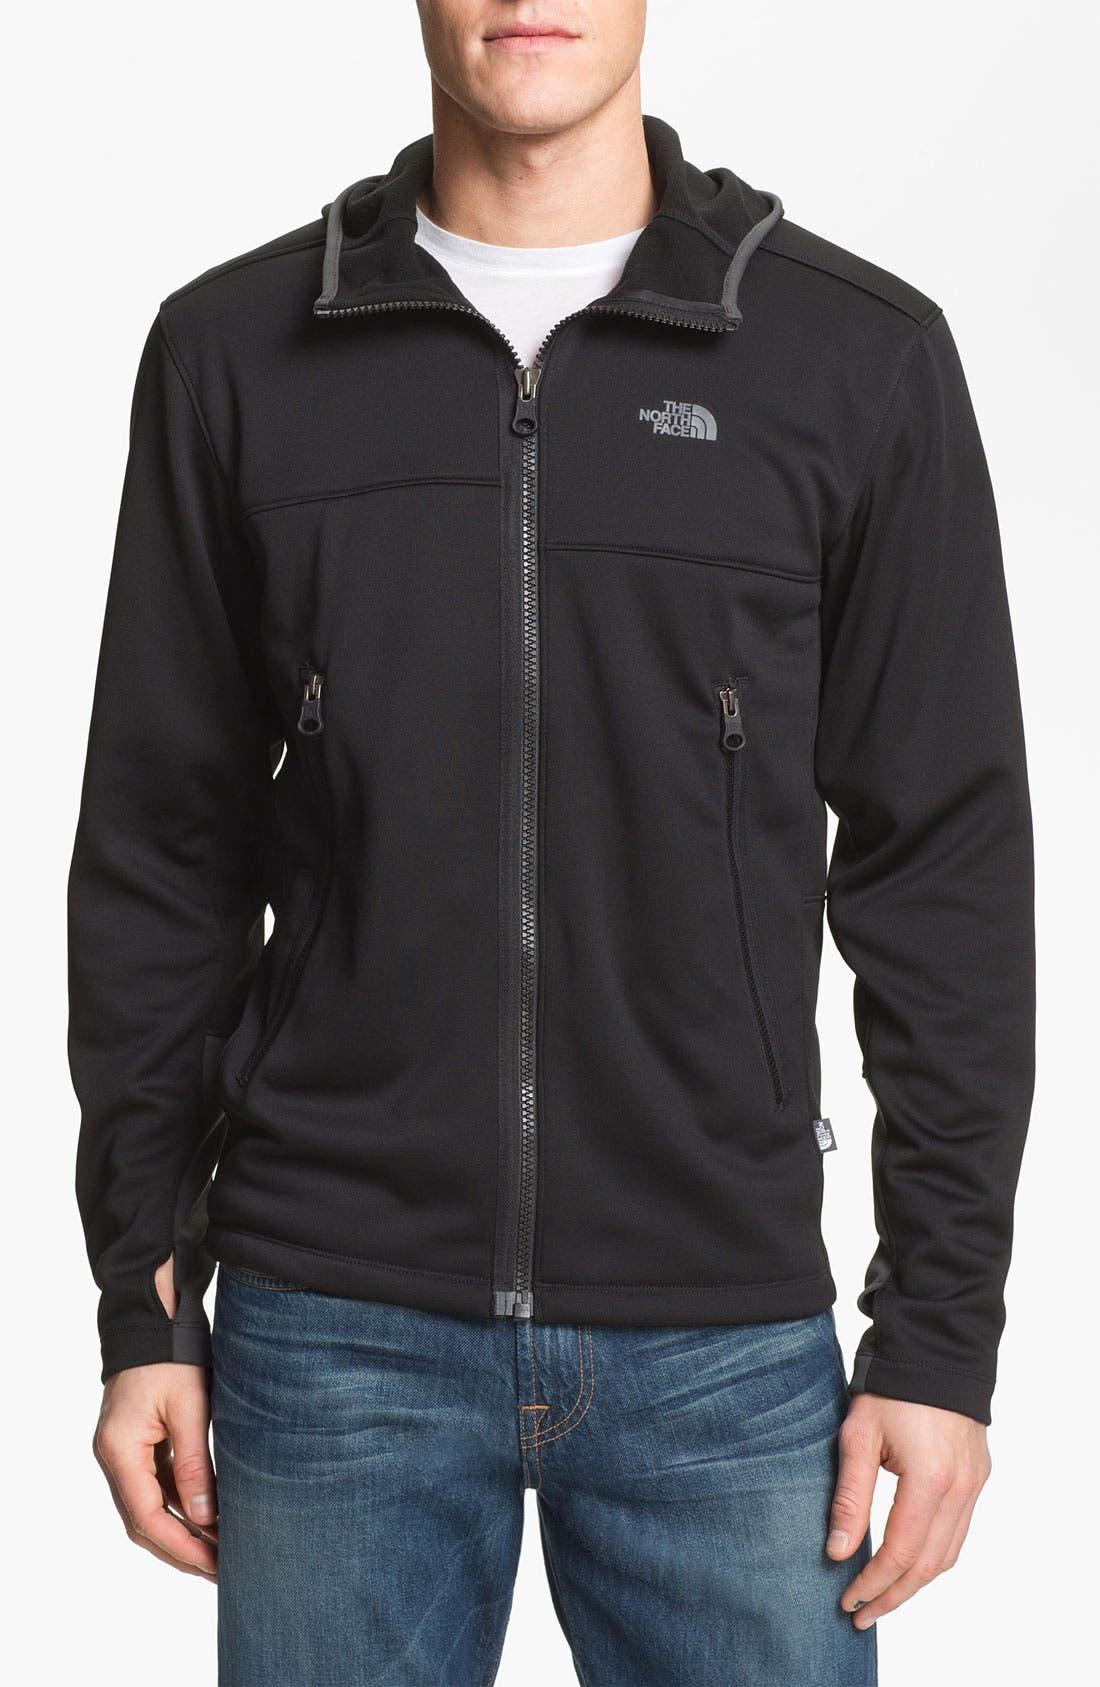 Main Image - The North Face 'Canyonlands' Zip Jacket